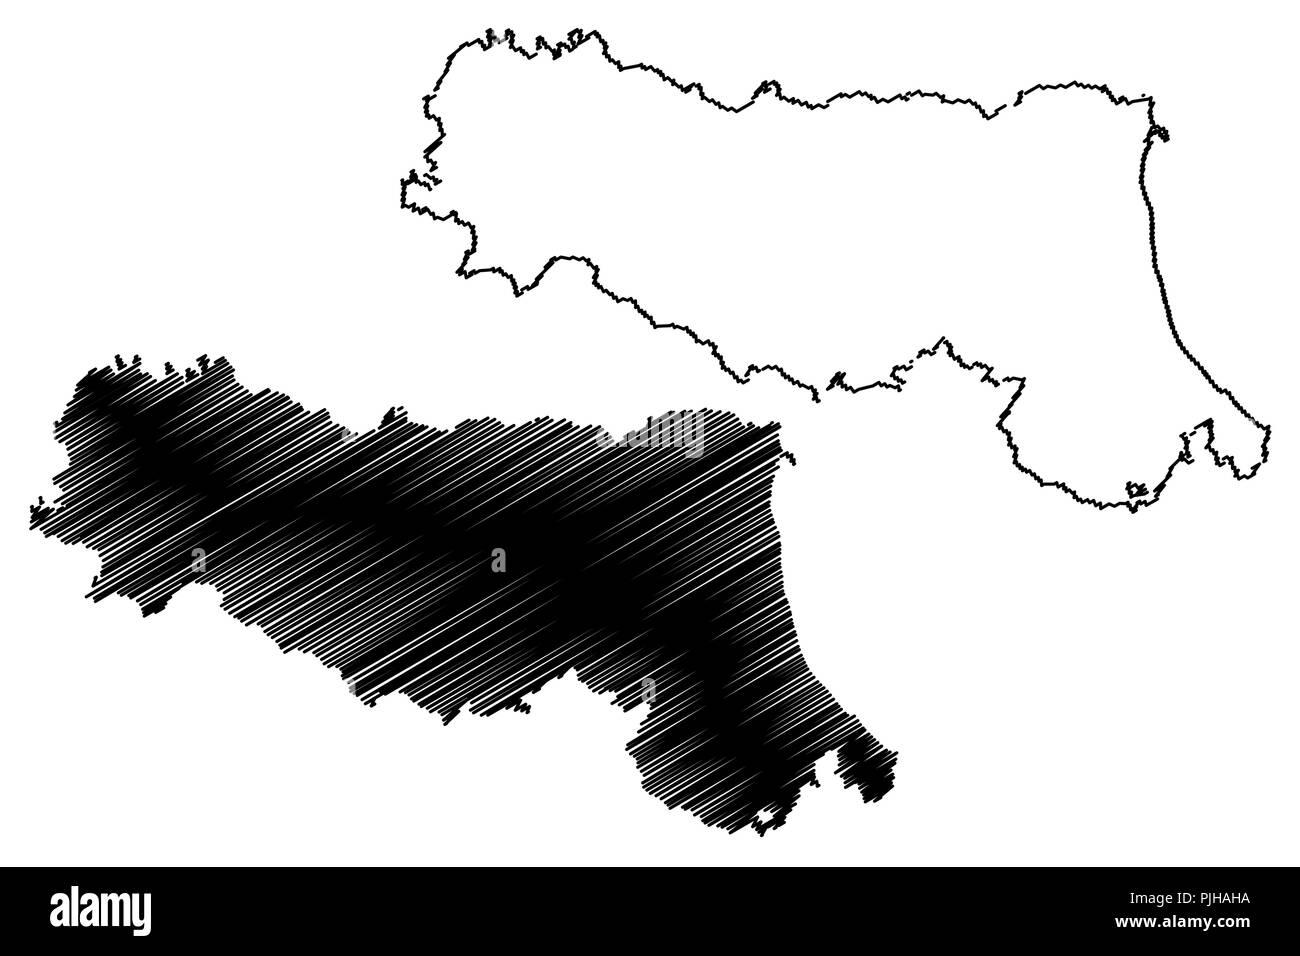 Carte Italie Emilia Romagna.Emilia Romagna Region Autonome De L Italie Map Vector